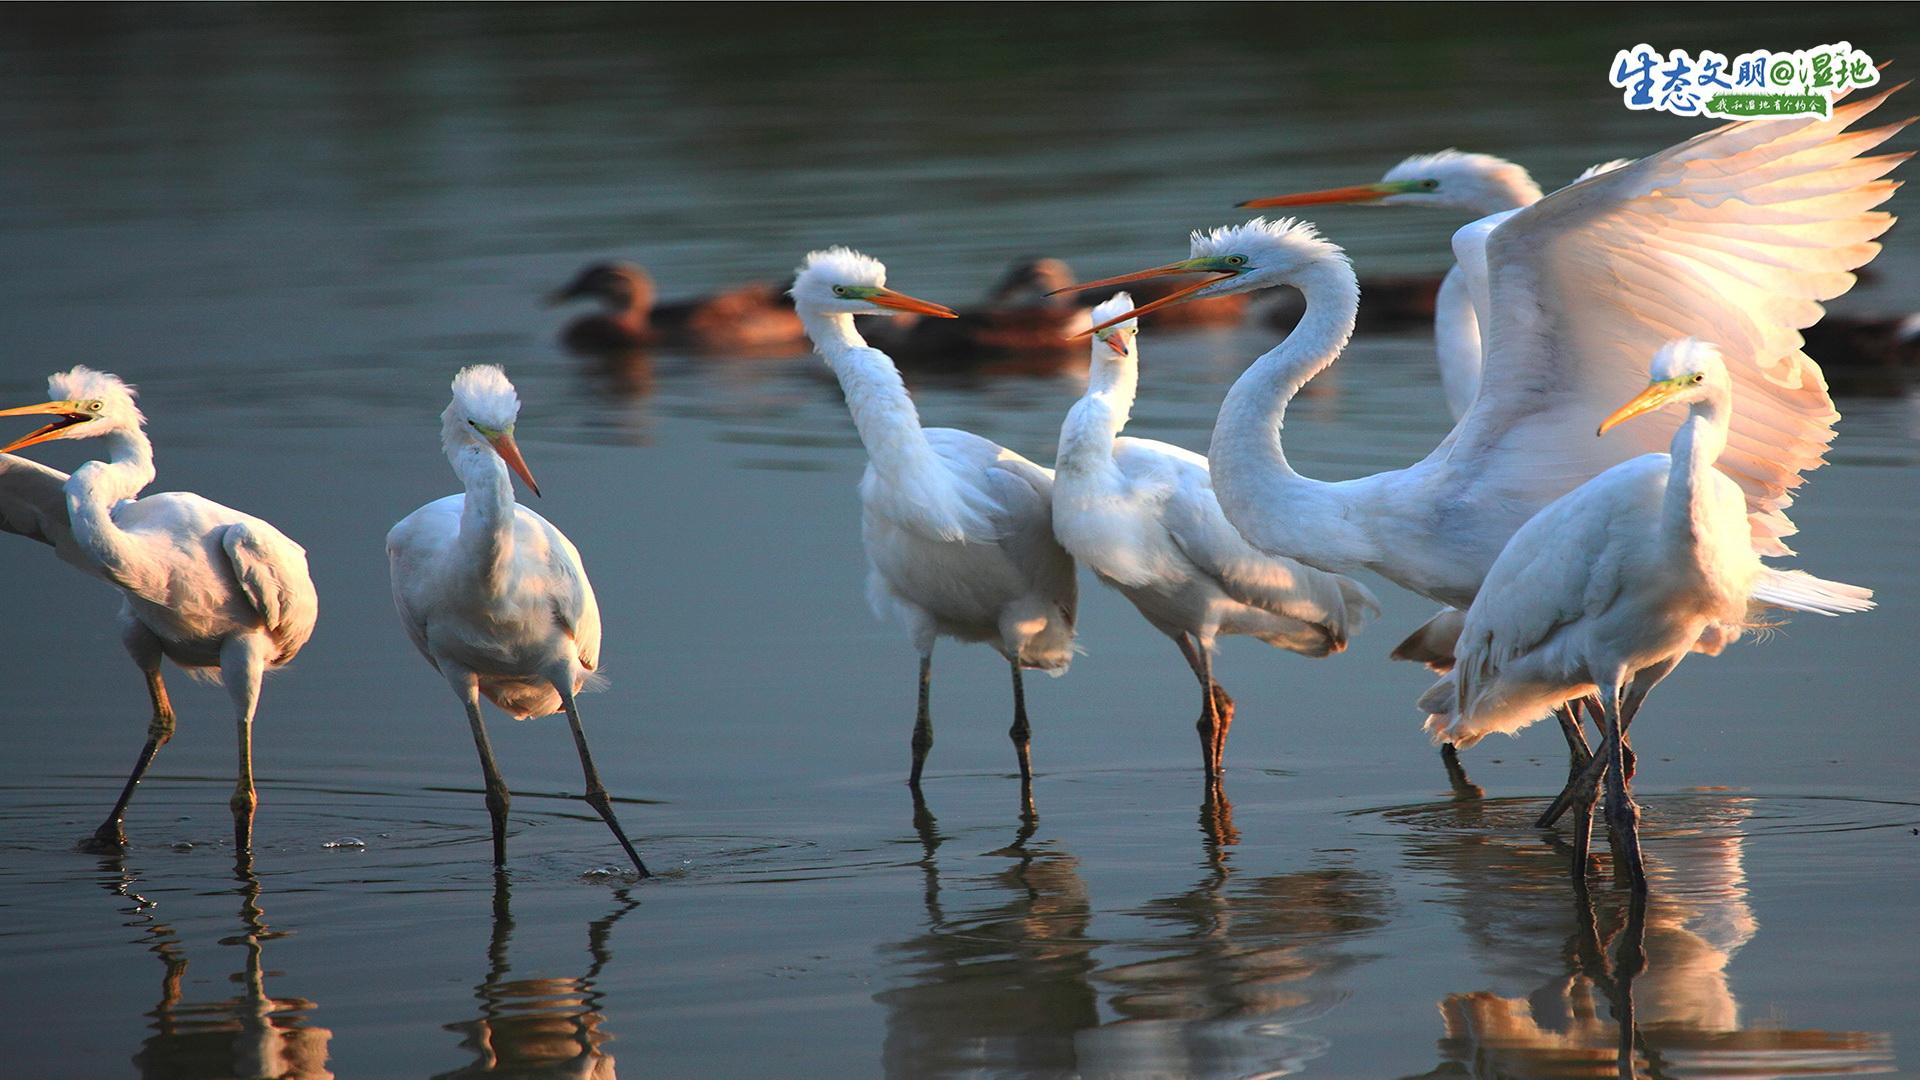 全球有8条候鸟迁徙路线。天津,则是东亚到澳大利亚候鸟迁徙途中的必经之路。天津海岸线鱼草丰美的潮间带是候鸟栖息的理想场所。